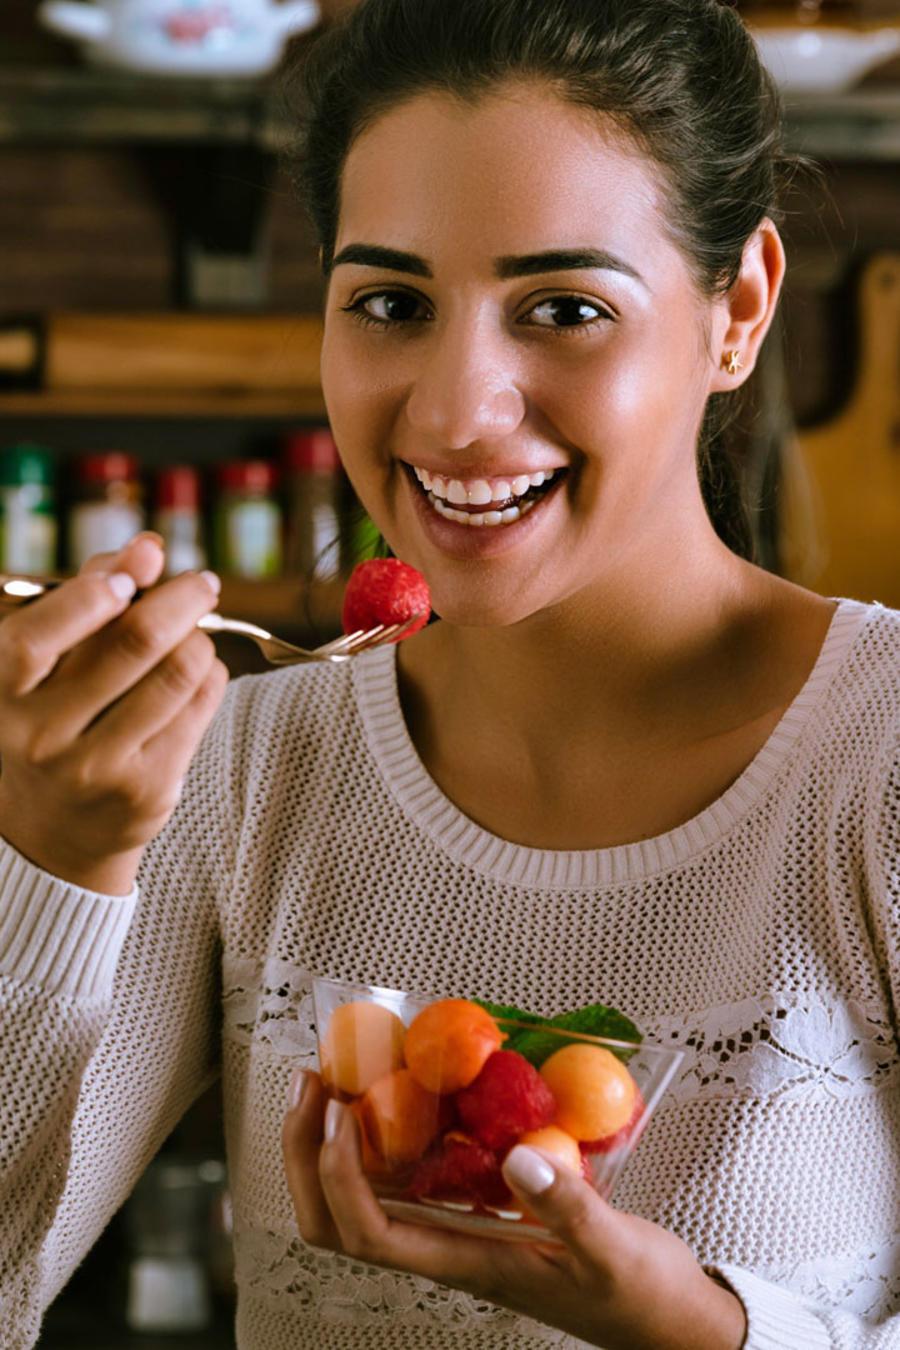 Chica comiendo una ensalada de frutas